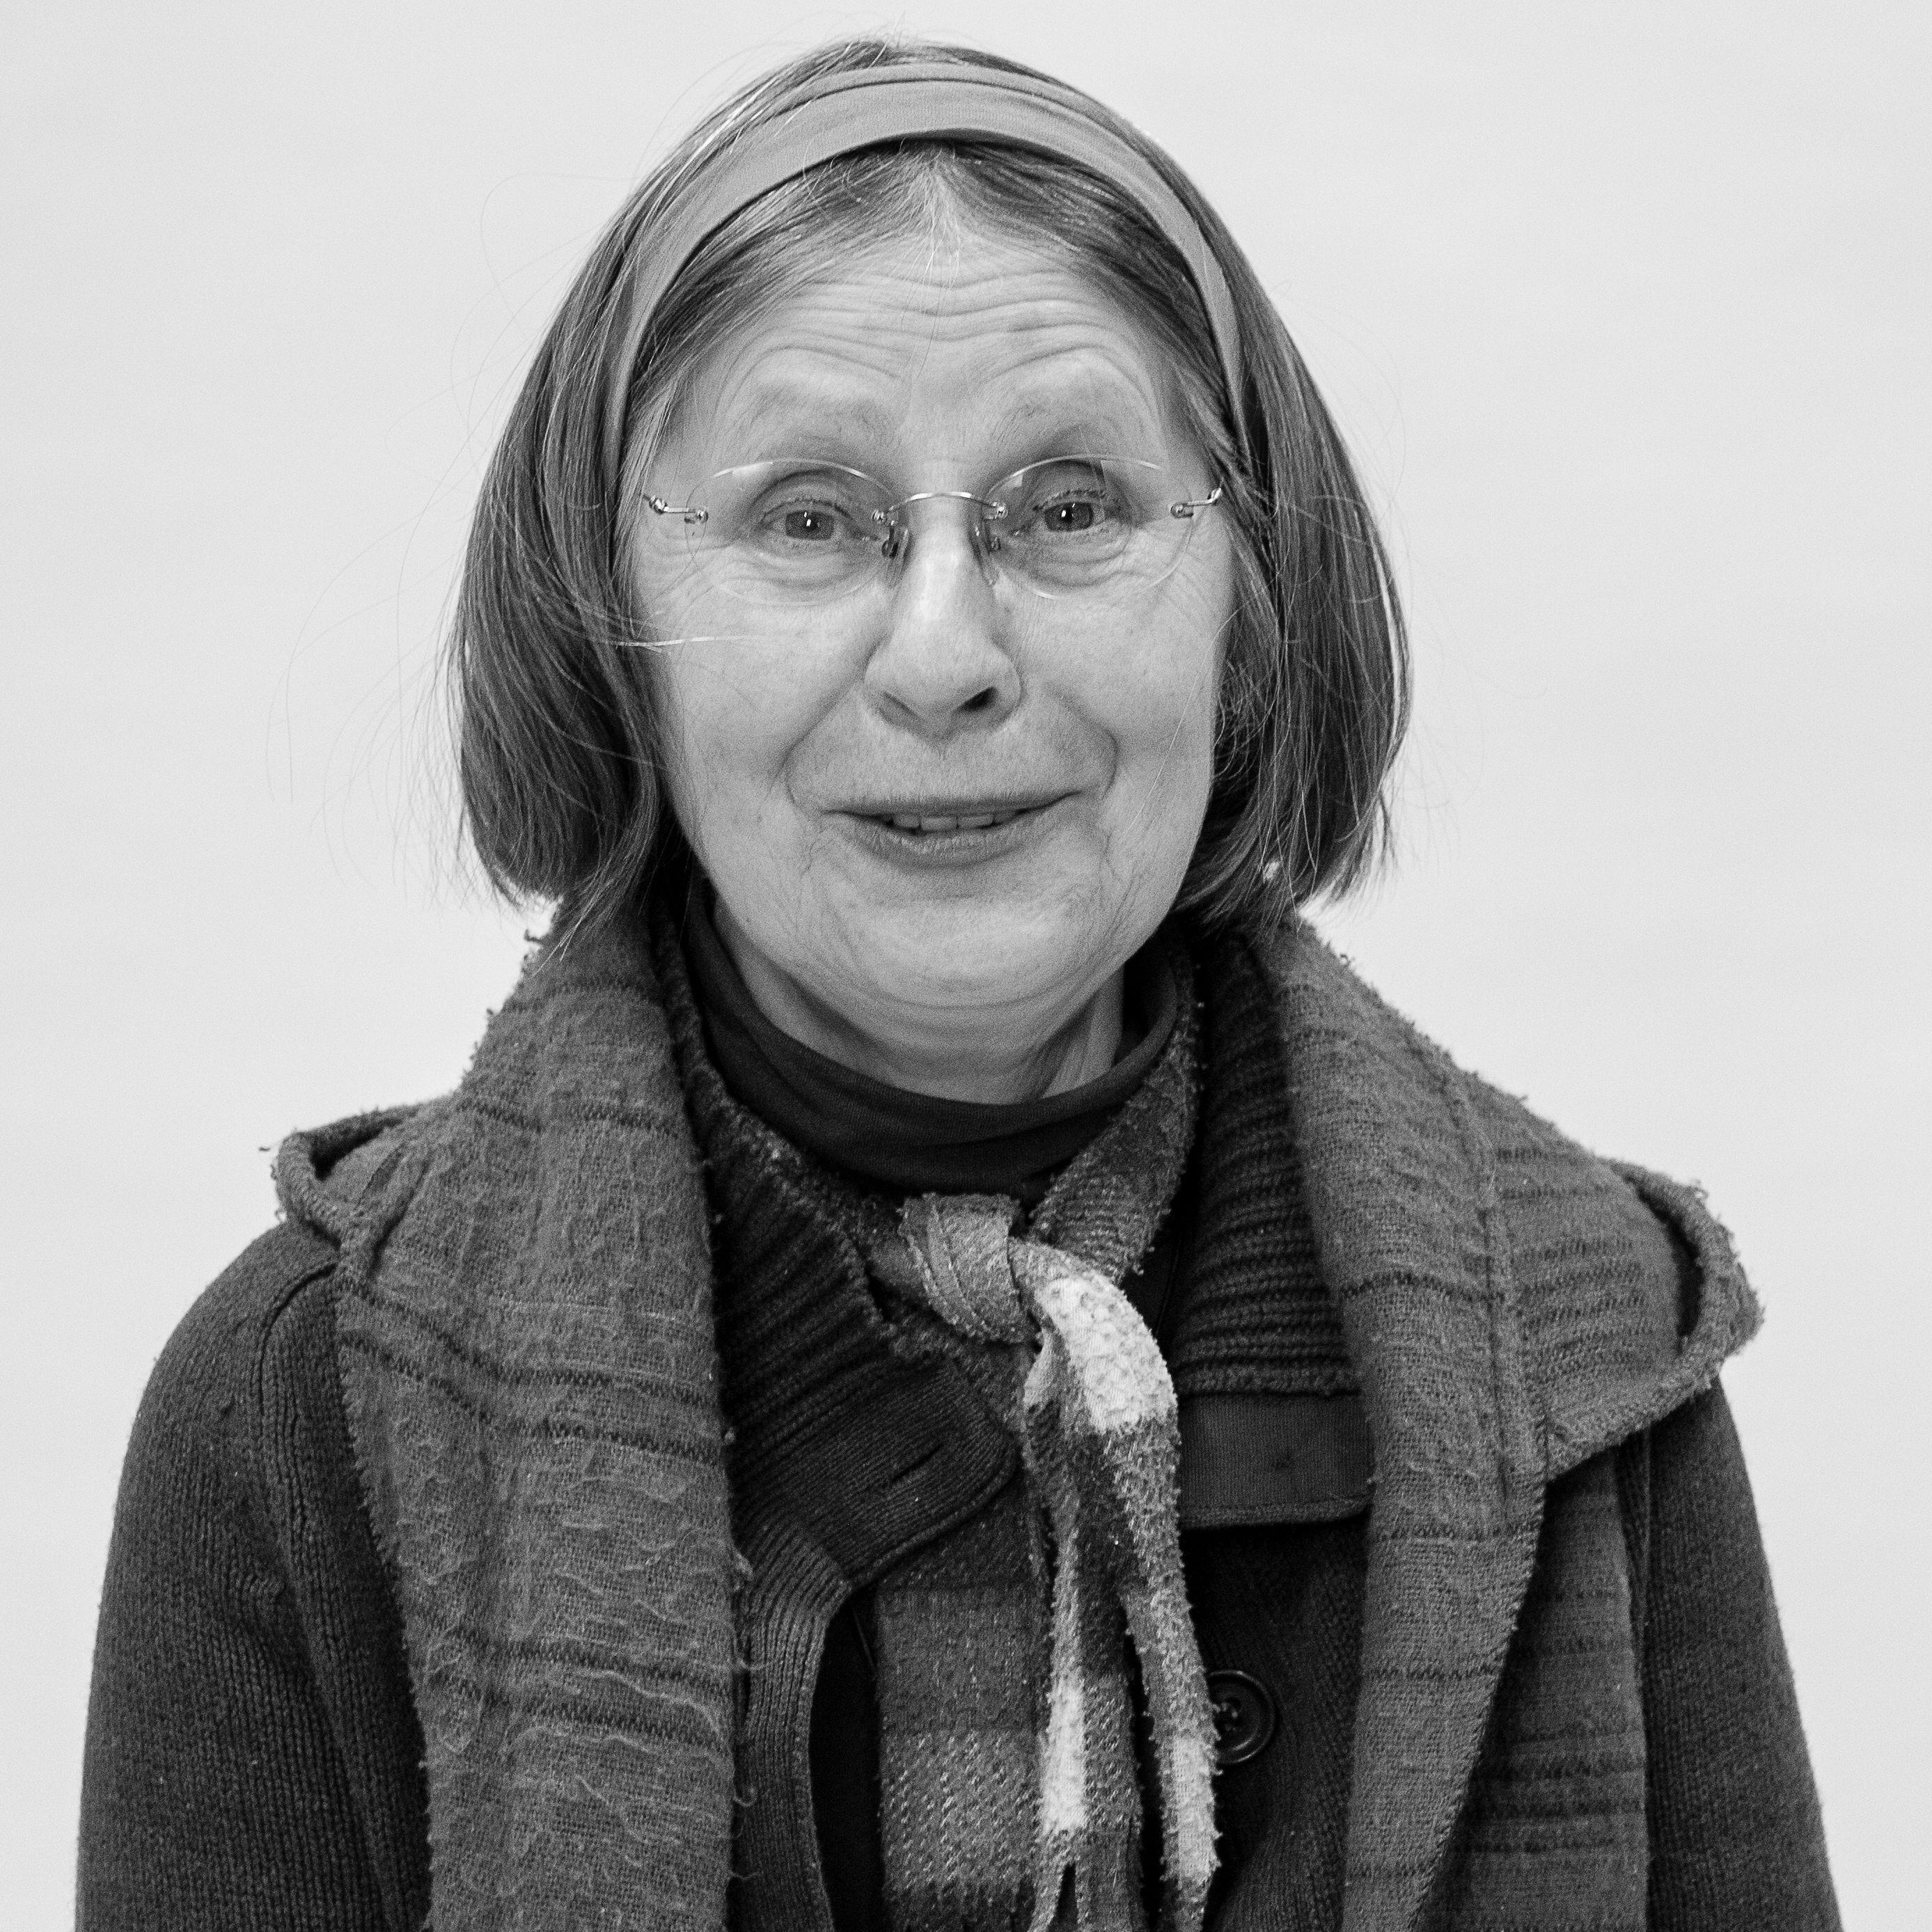 Christine Lier